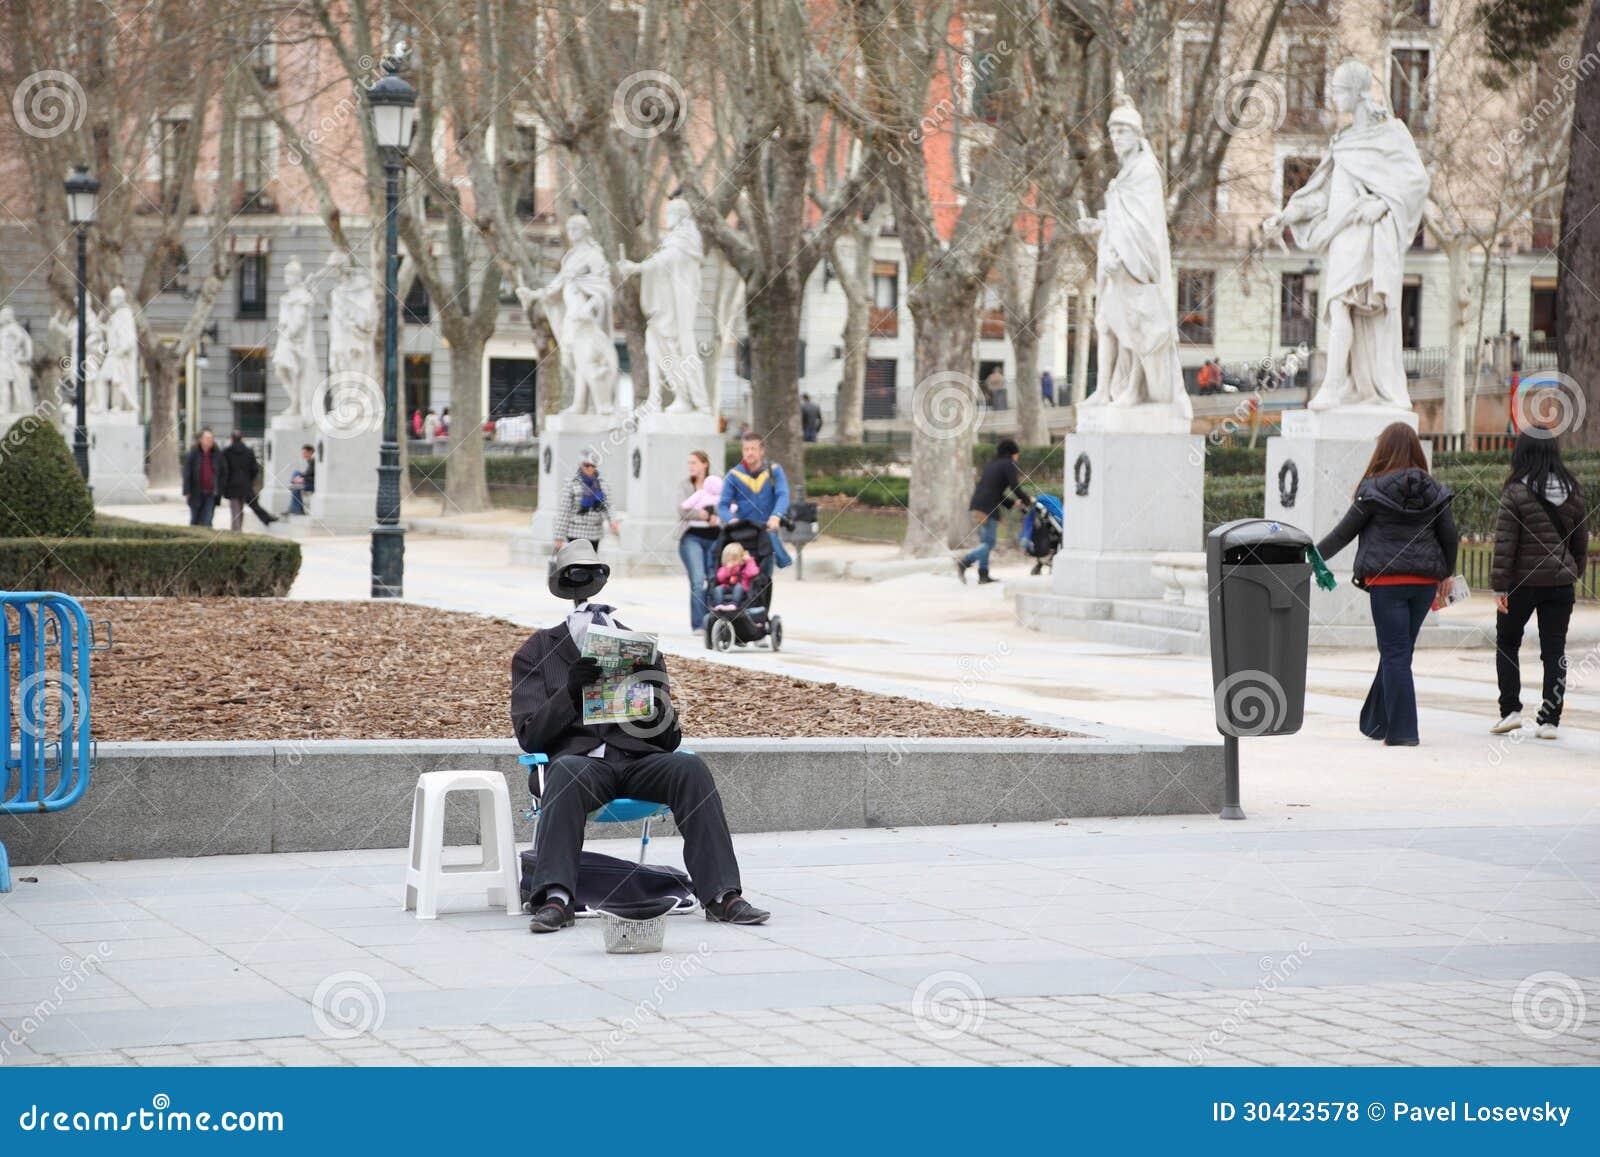 El mendigo sin cabeza lee el periódico